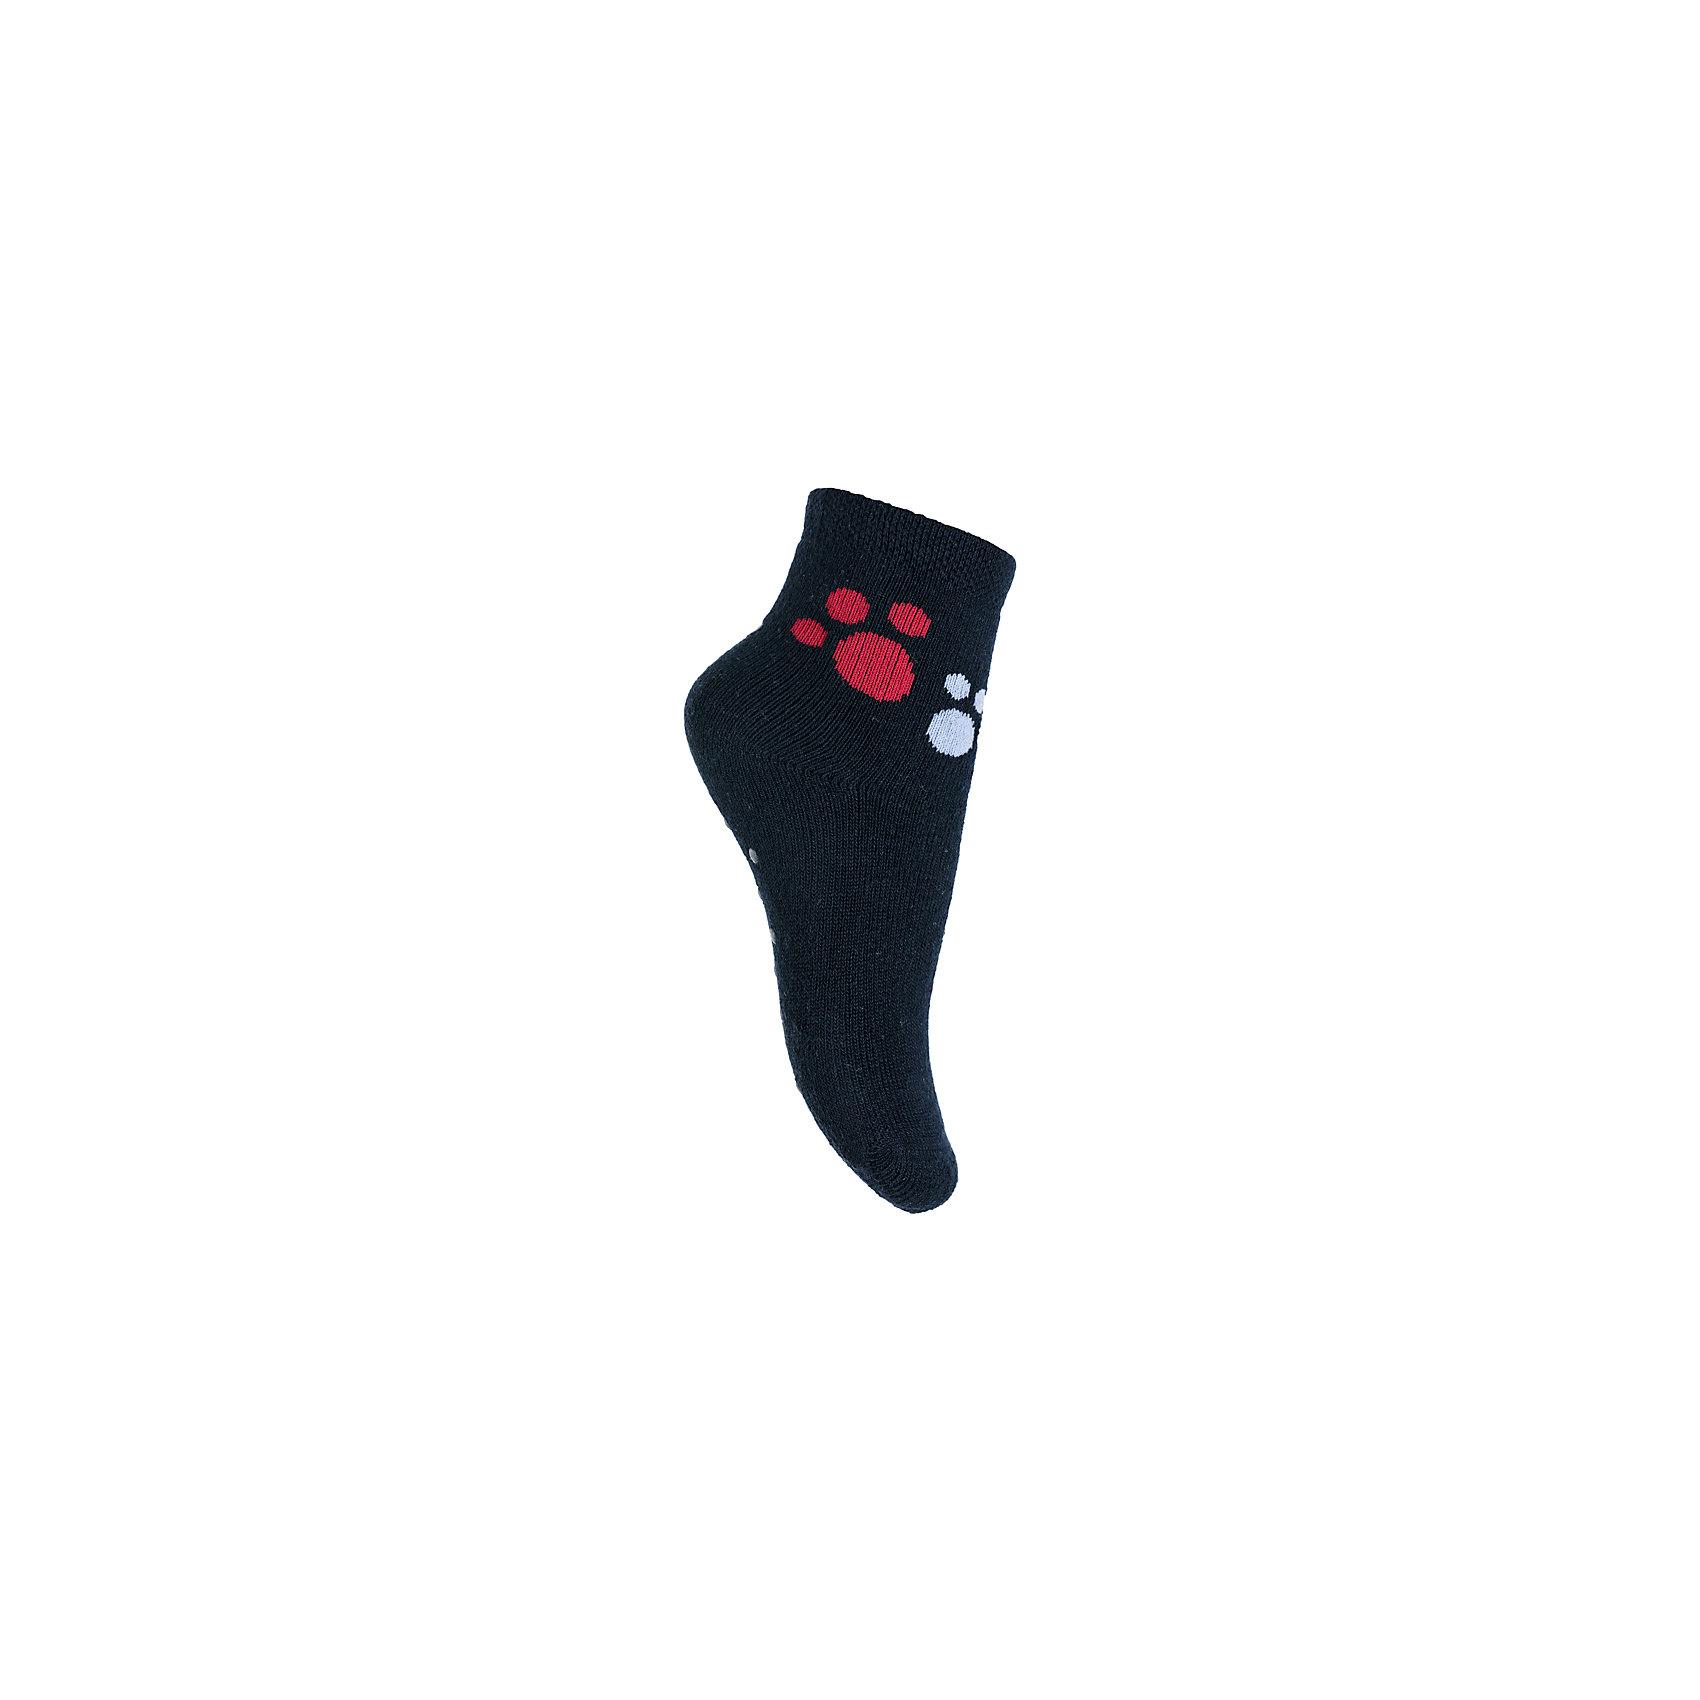 Носки PlayToday для мальчикаНосочки и колготки<br>Носки PlayToday для мальчика<br>Махровые носки очень мягкие, из  натуральных материалов, приятные к телу и не сковывают движений. Хорошо пропускают воздух, тем самым позволяя коже дышать. Даже частые стирки, при условии соблюдений рекомендаций по уходу, не изменят ни форму, ни цвет изделия. Модель декорирована оригинальным жаккардовым рисунком.  Мягкая резинка не сдавливает нежную детскую кожу. Подошва дополнена силиконовыми наклейками, которые не позволят ребенку упасть даже на скользкой поверхности.<br>Состав:<br>80% хлопок, 15% нейлон, 5% эластан<br><br>Ширина мм: 87<br>Глубина мм: 10<br>Высота мм: 105<br>Вес г: 115<br>Цвет: черный<br>Возраст от месяцев: 18<br>Возраст до месяцев: 24<br>Пол: Мужской<br>Возраст: Детский<br>Размер: 12,11<br>SKU: 7110010